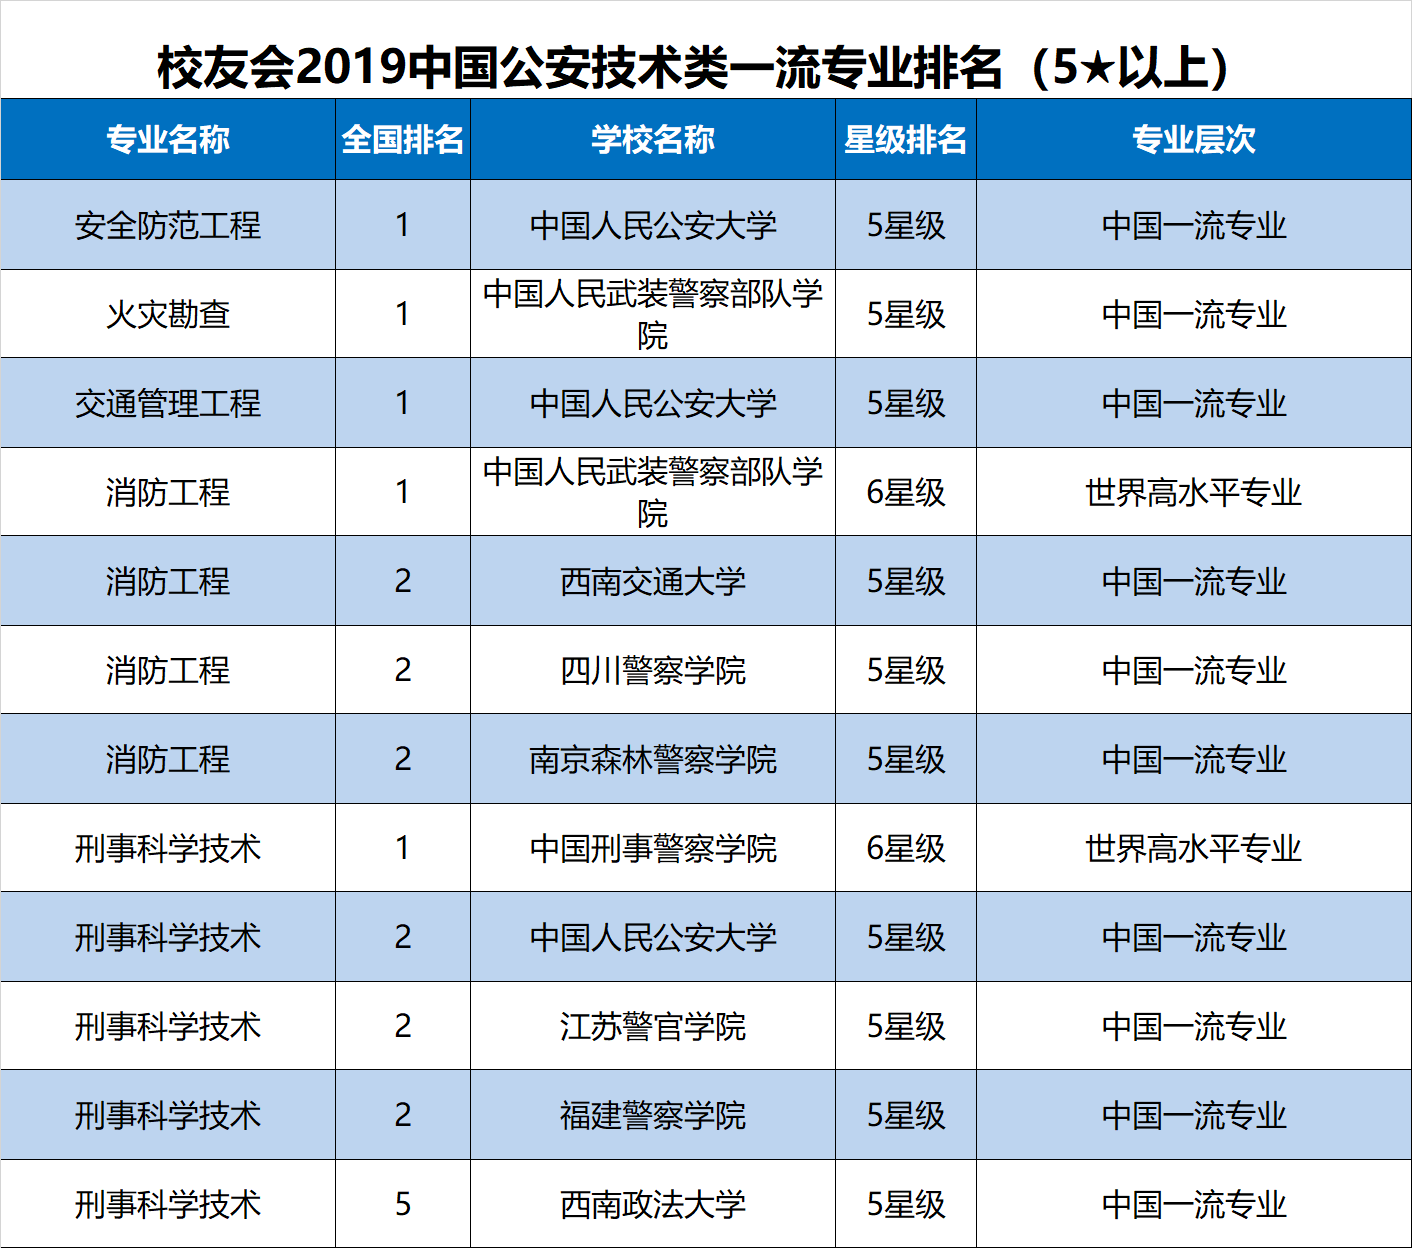 2019高考专业排行榜_中国大学专业排行榜 2019高考志愿填报必看